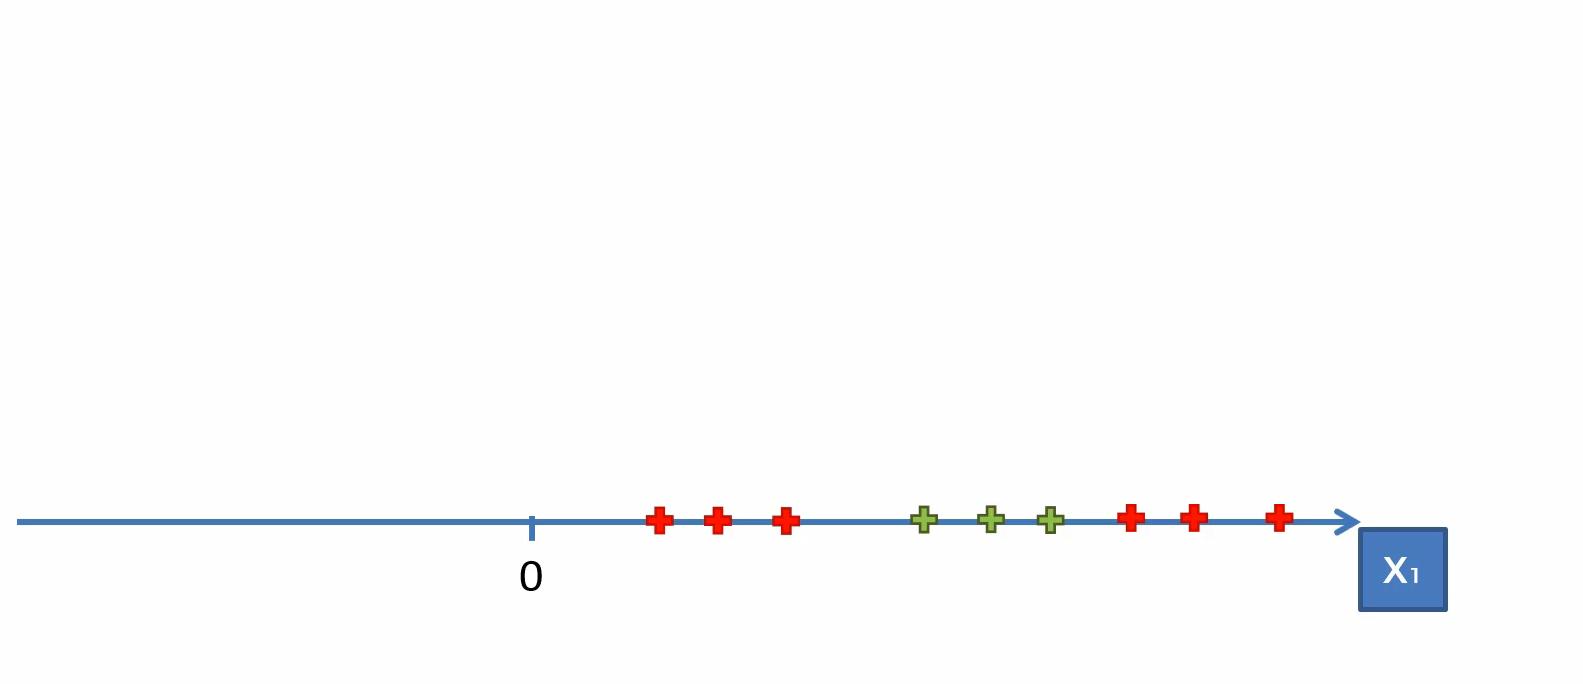 Herleitung des Maschinenlernverfahrens Kernel SMV – Schritt 2